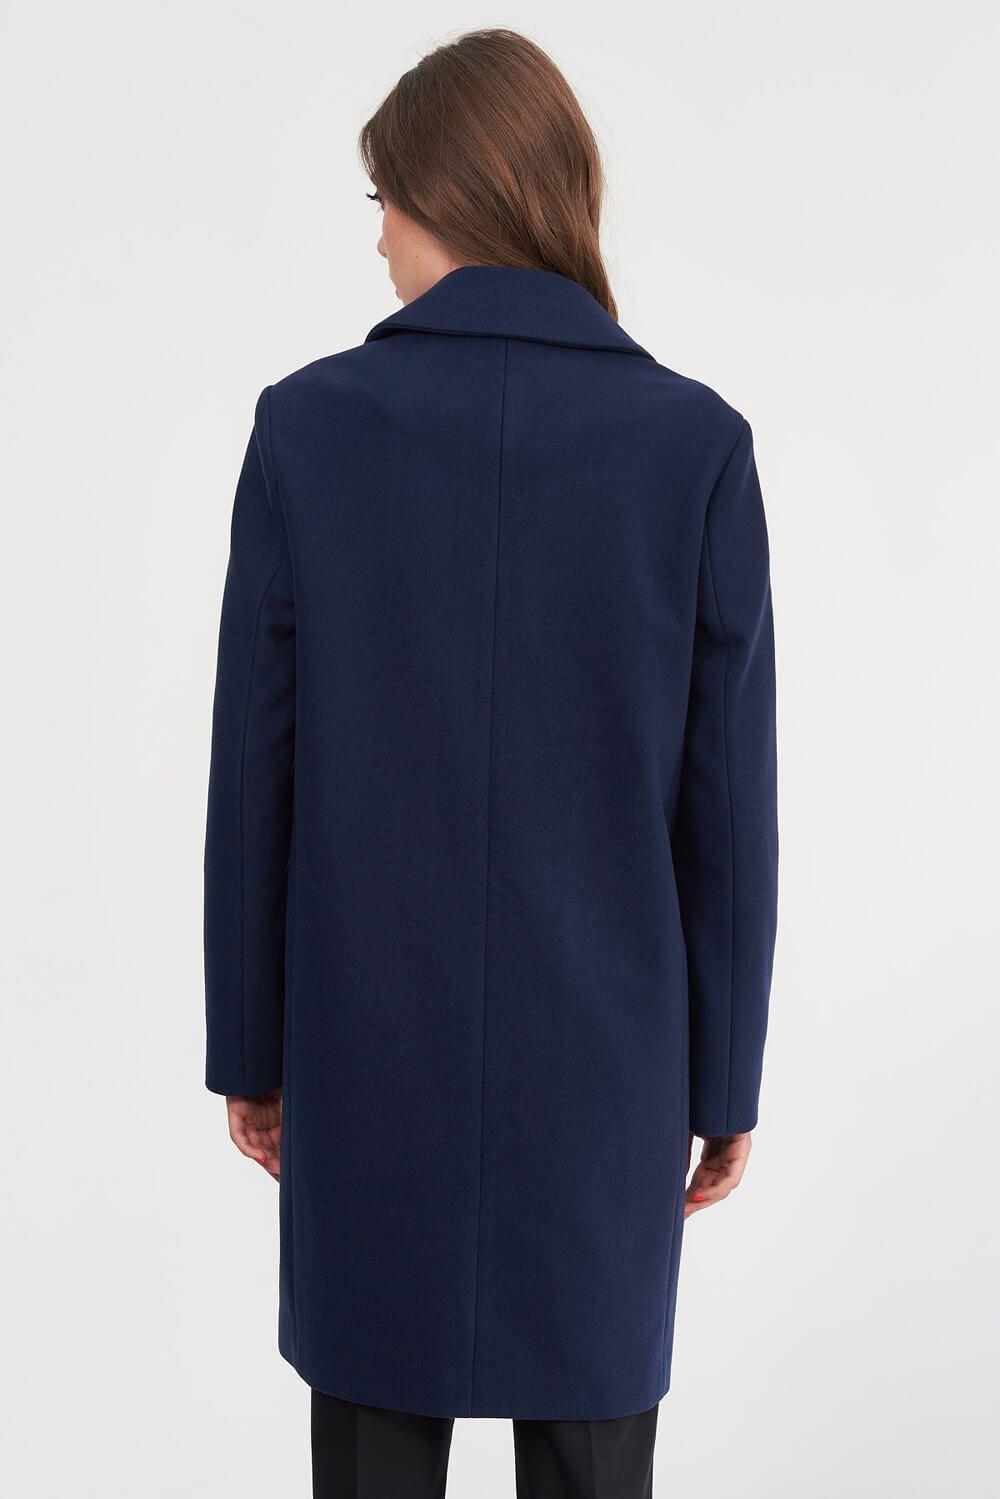 Пальто женские Natali Bolgar модель 19063KASH39 качество, 2017